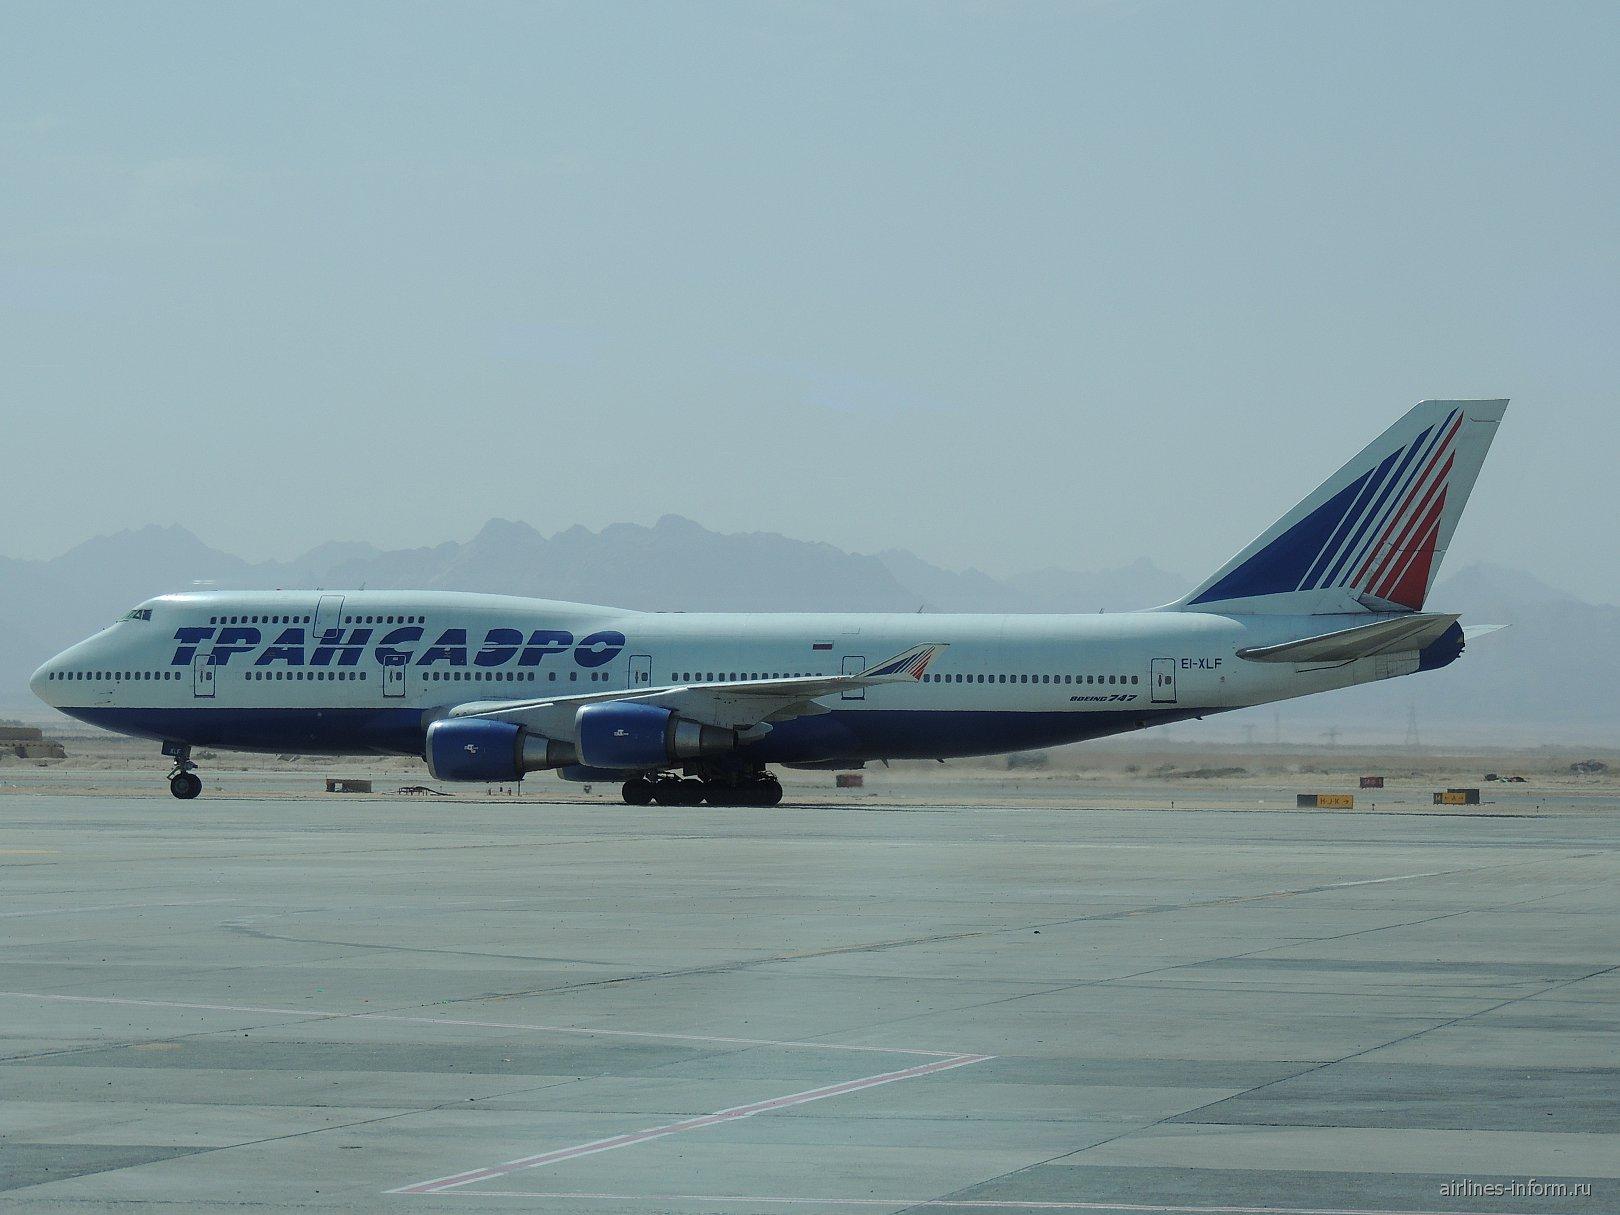 """Боинг-747-400 EI-XLF авиакомпании """"Трансаэро"""" в аэропорту Хургада"""